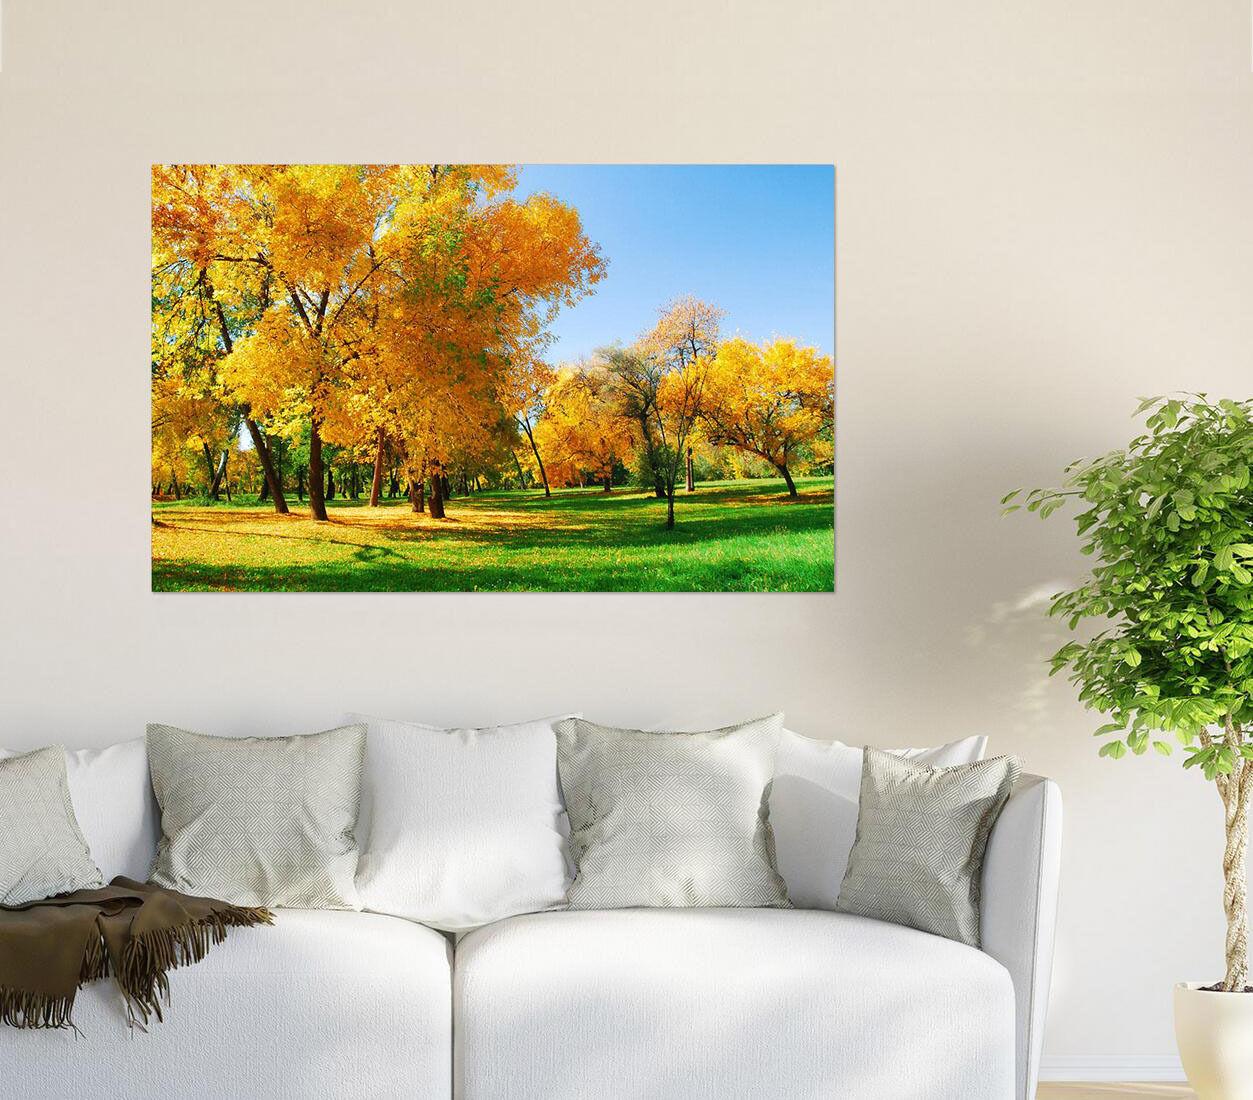 3D Helle Goldene Bäume Wiese 84 Fototapeten Wandbild BildTapete AJSTORE DE Lemon